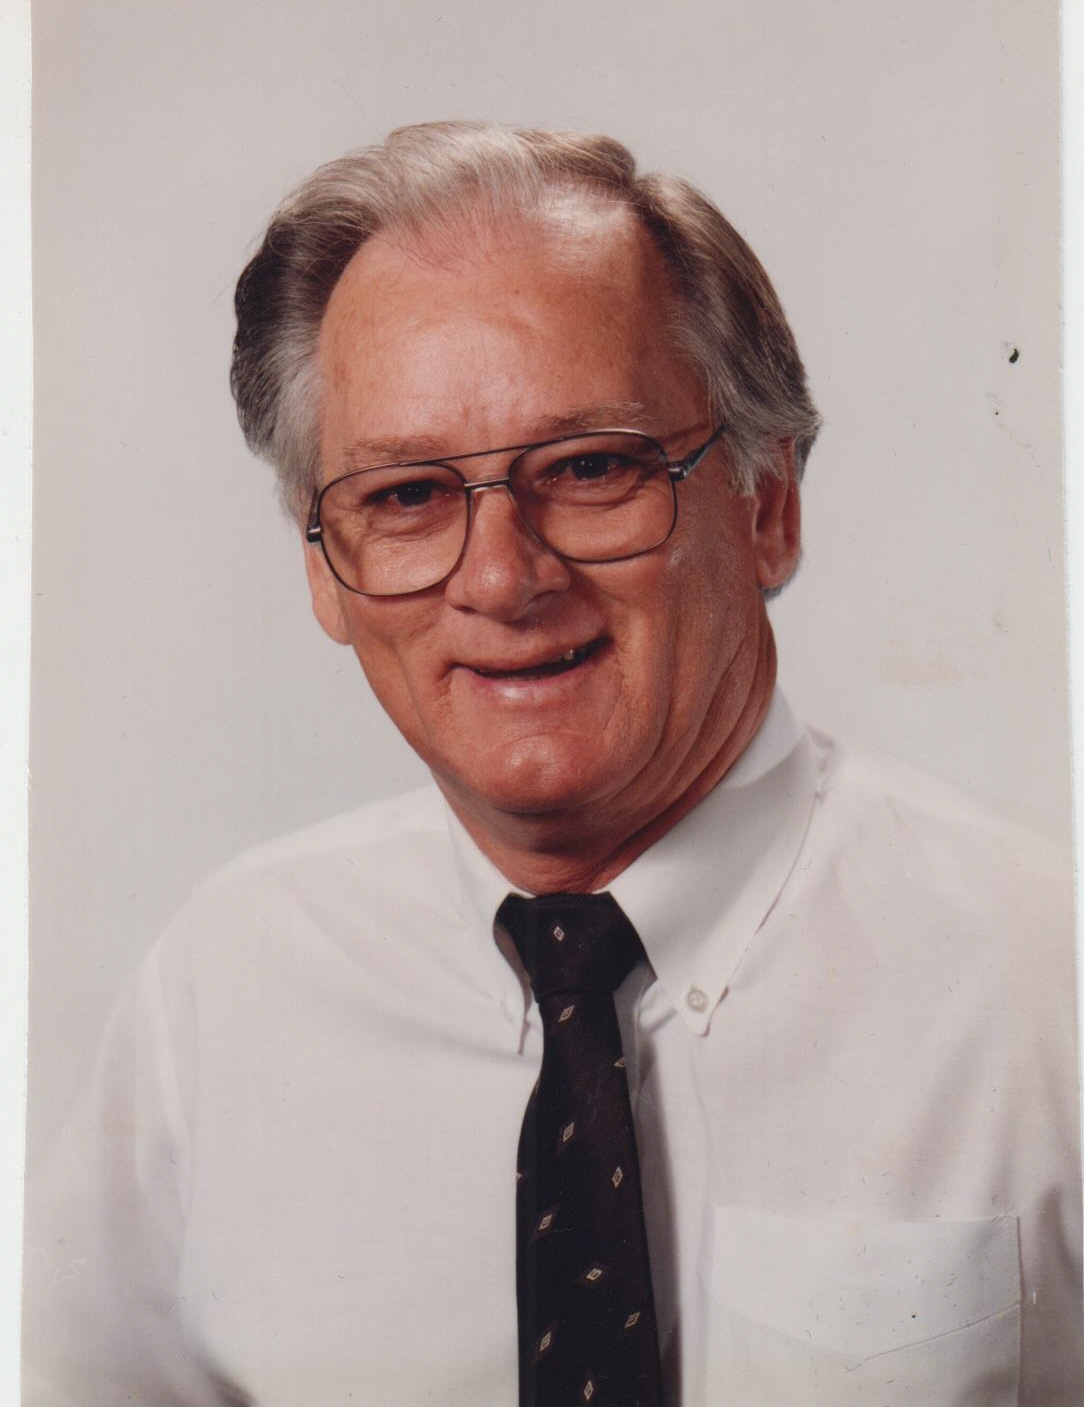 Johnie Cagle